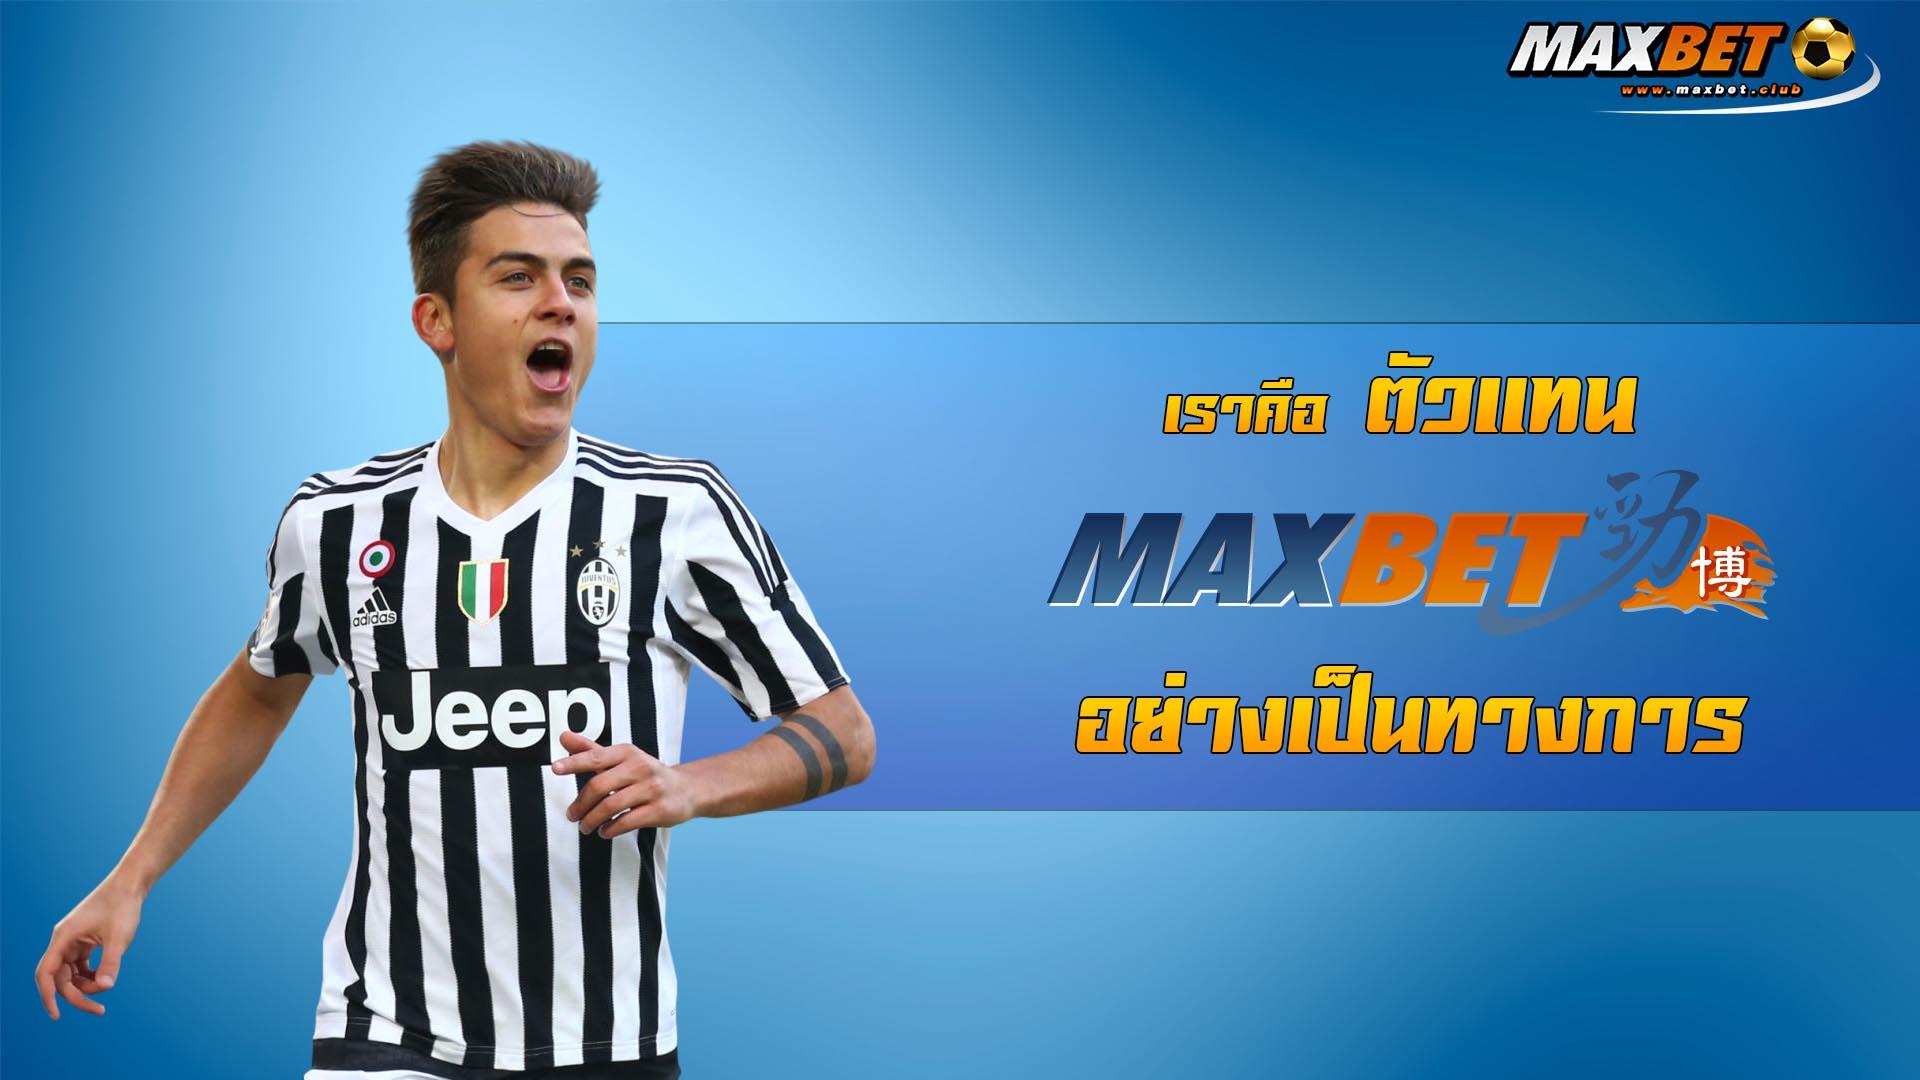 thumnail-maxbetclub-81